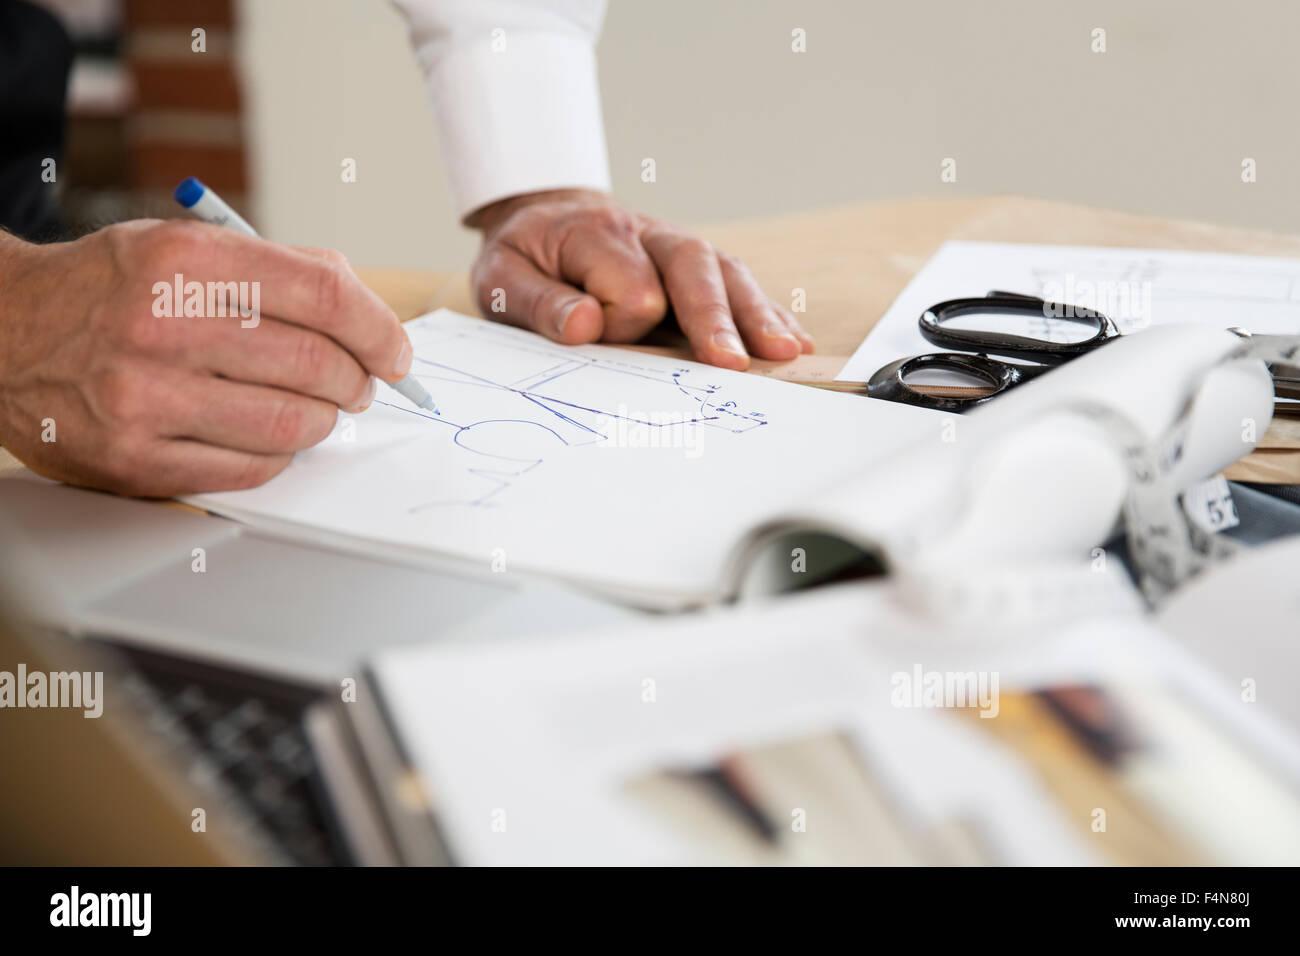 Personalizar el patrón de corte dibujo Imagen De Stock